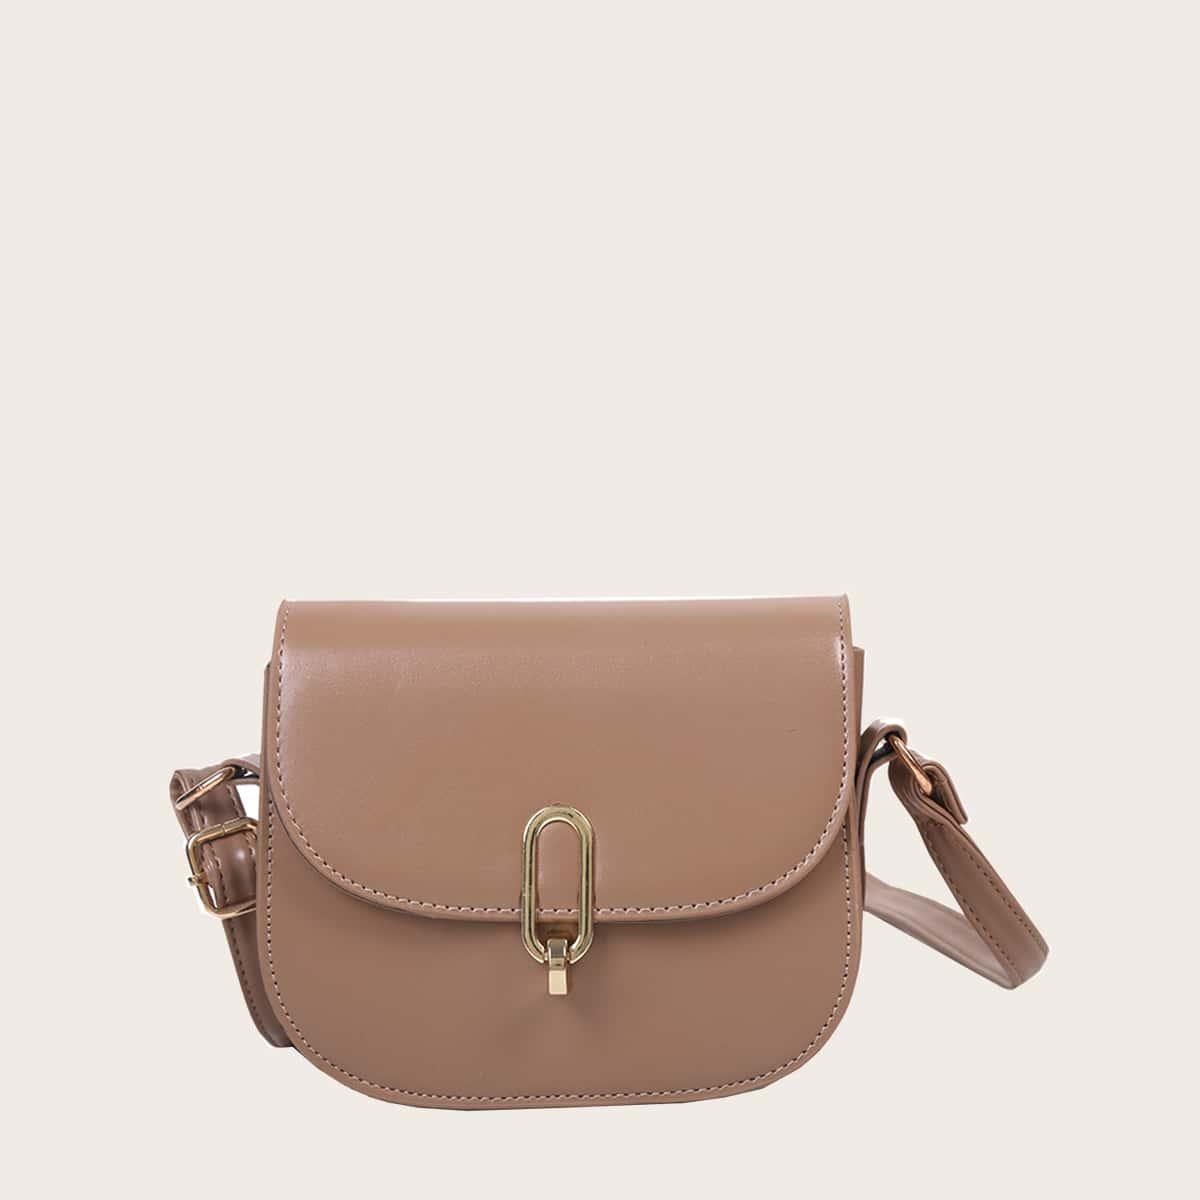 Оригинальная сумка-седло по цене 630